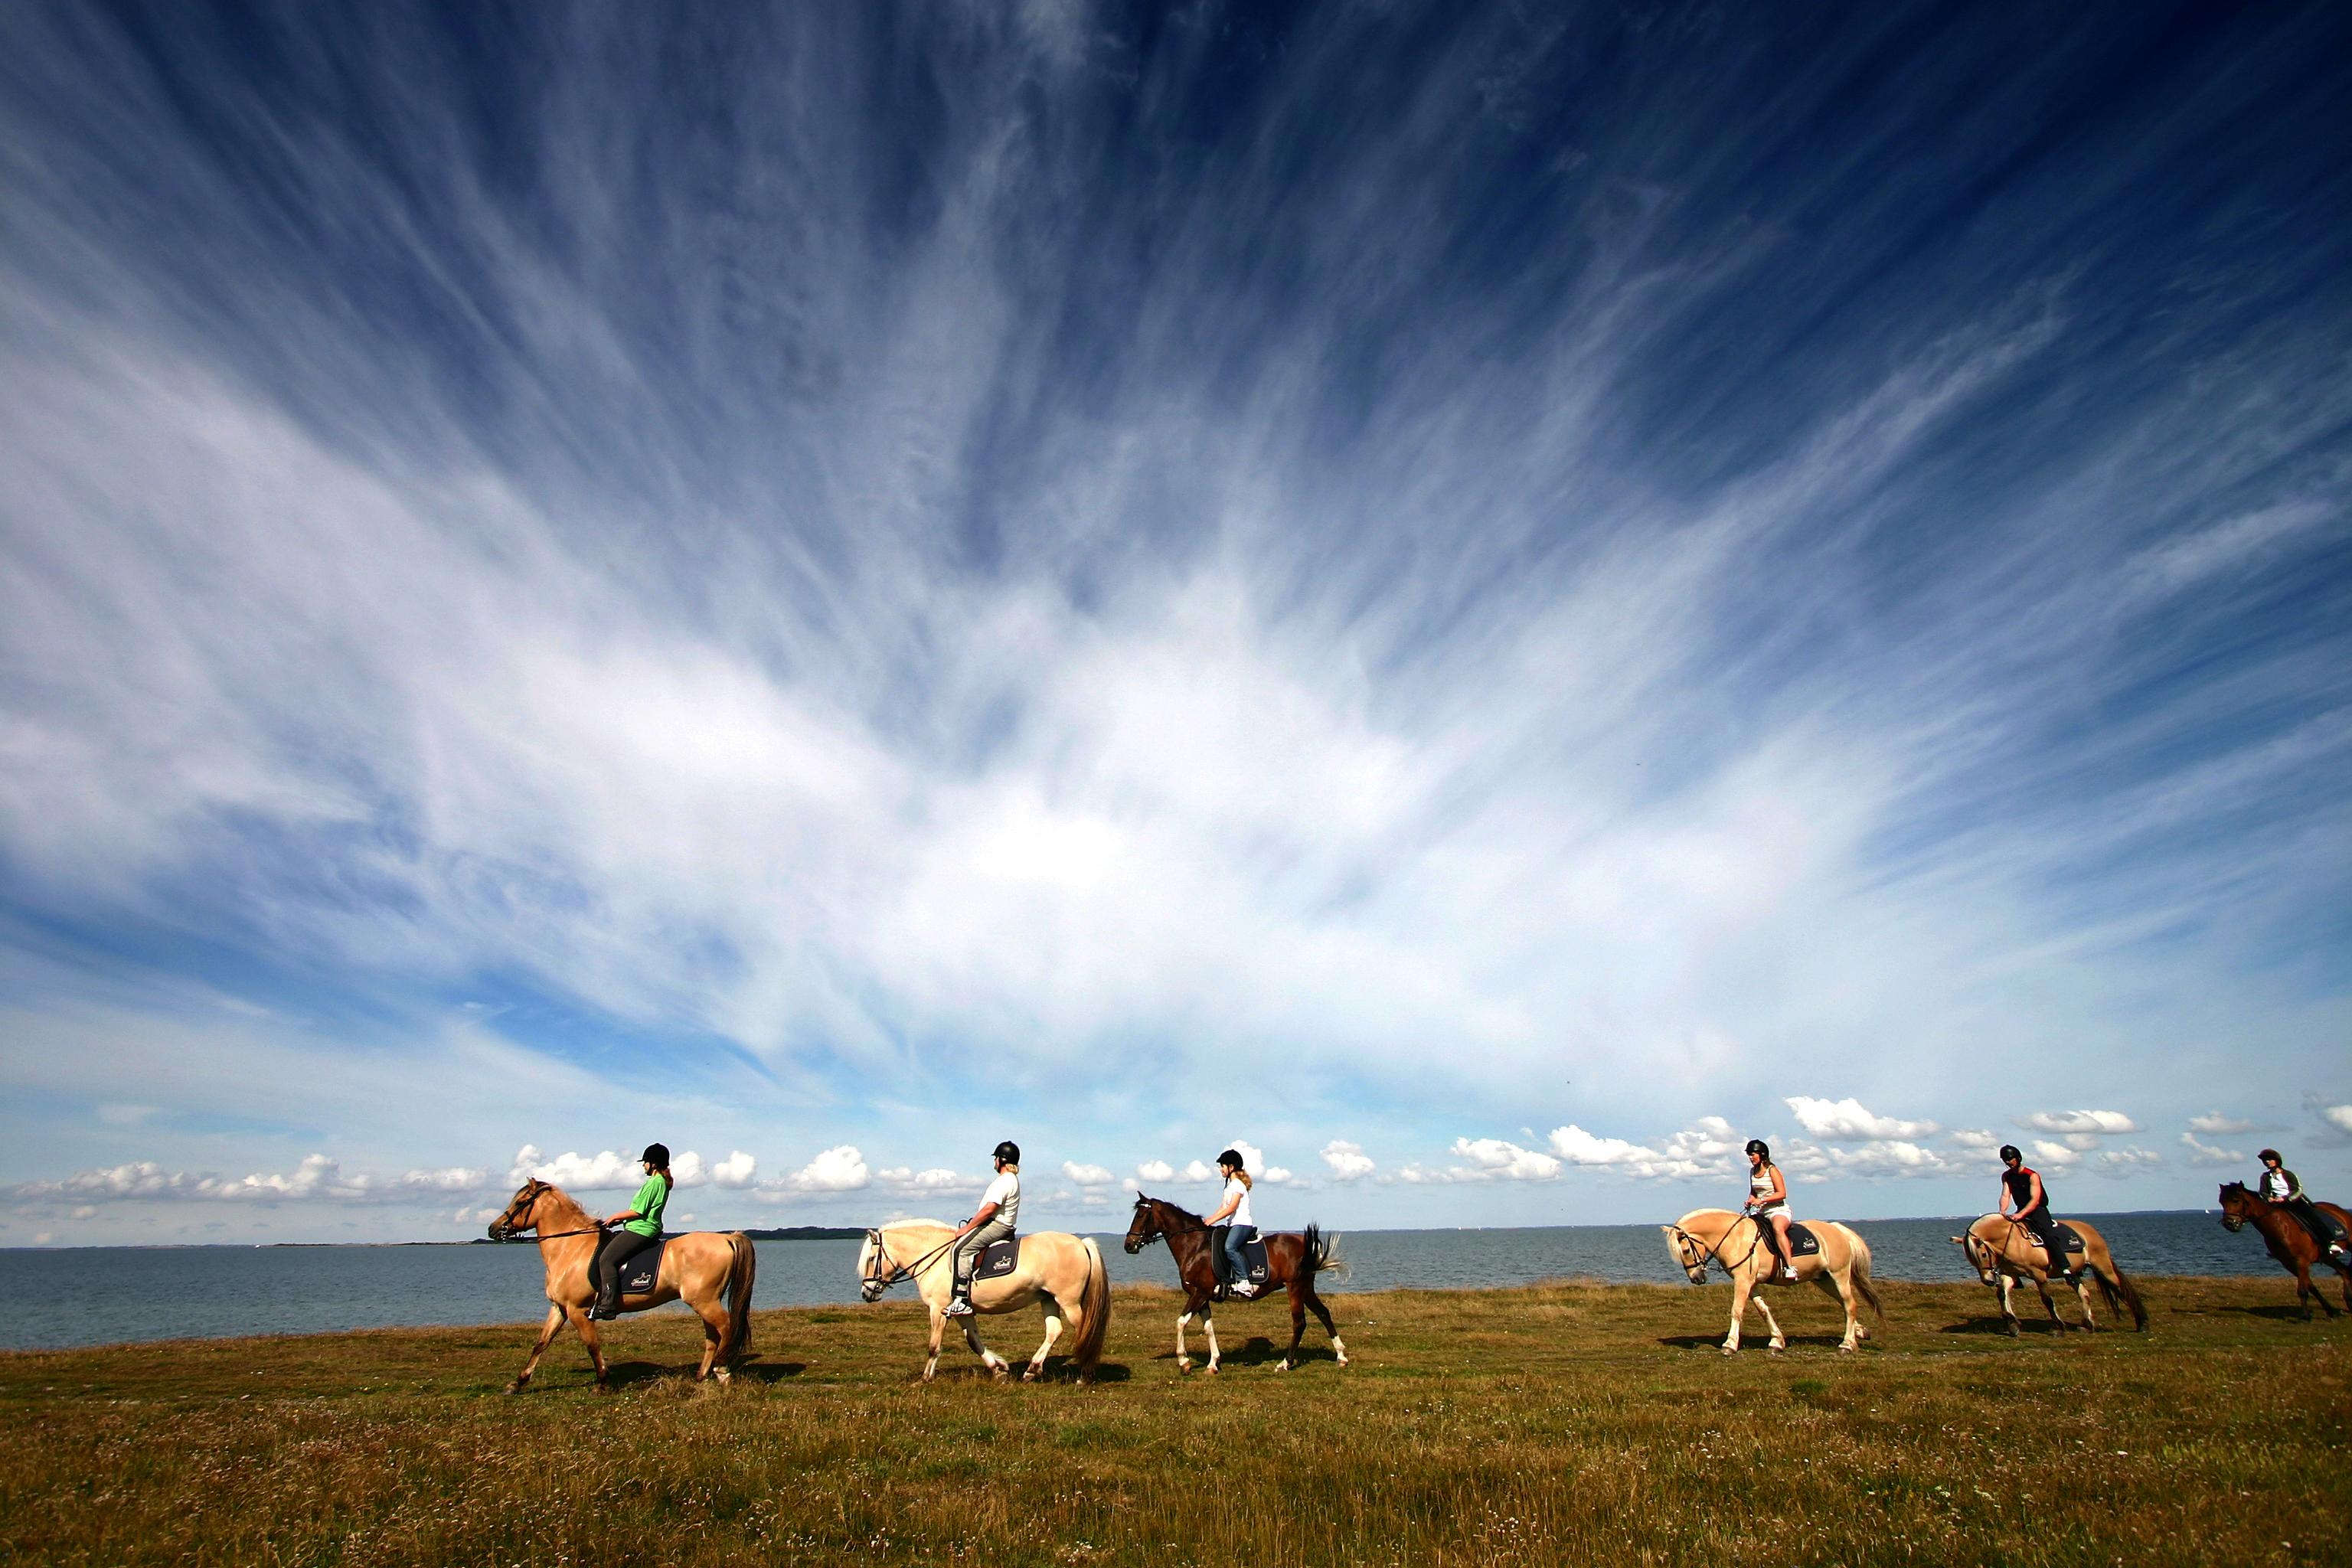 ขี่ม้าในนอกเมืองประเทศไอซ์แลนด์นั้นเป็นประสบการณ์ที่คุณจะจำไปตลอดชีวิต